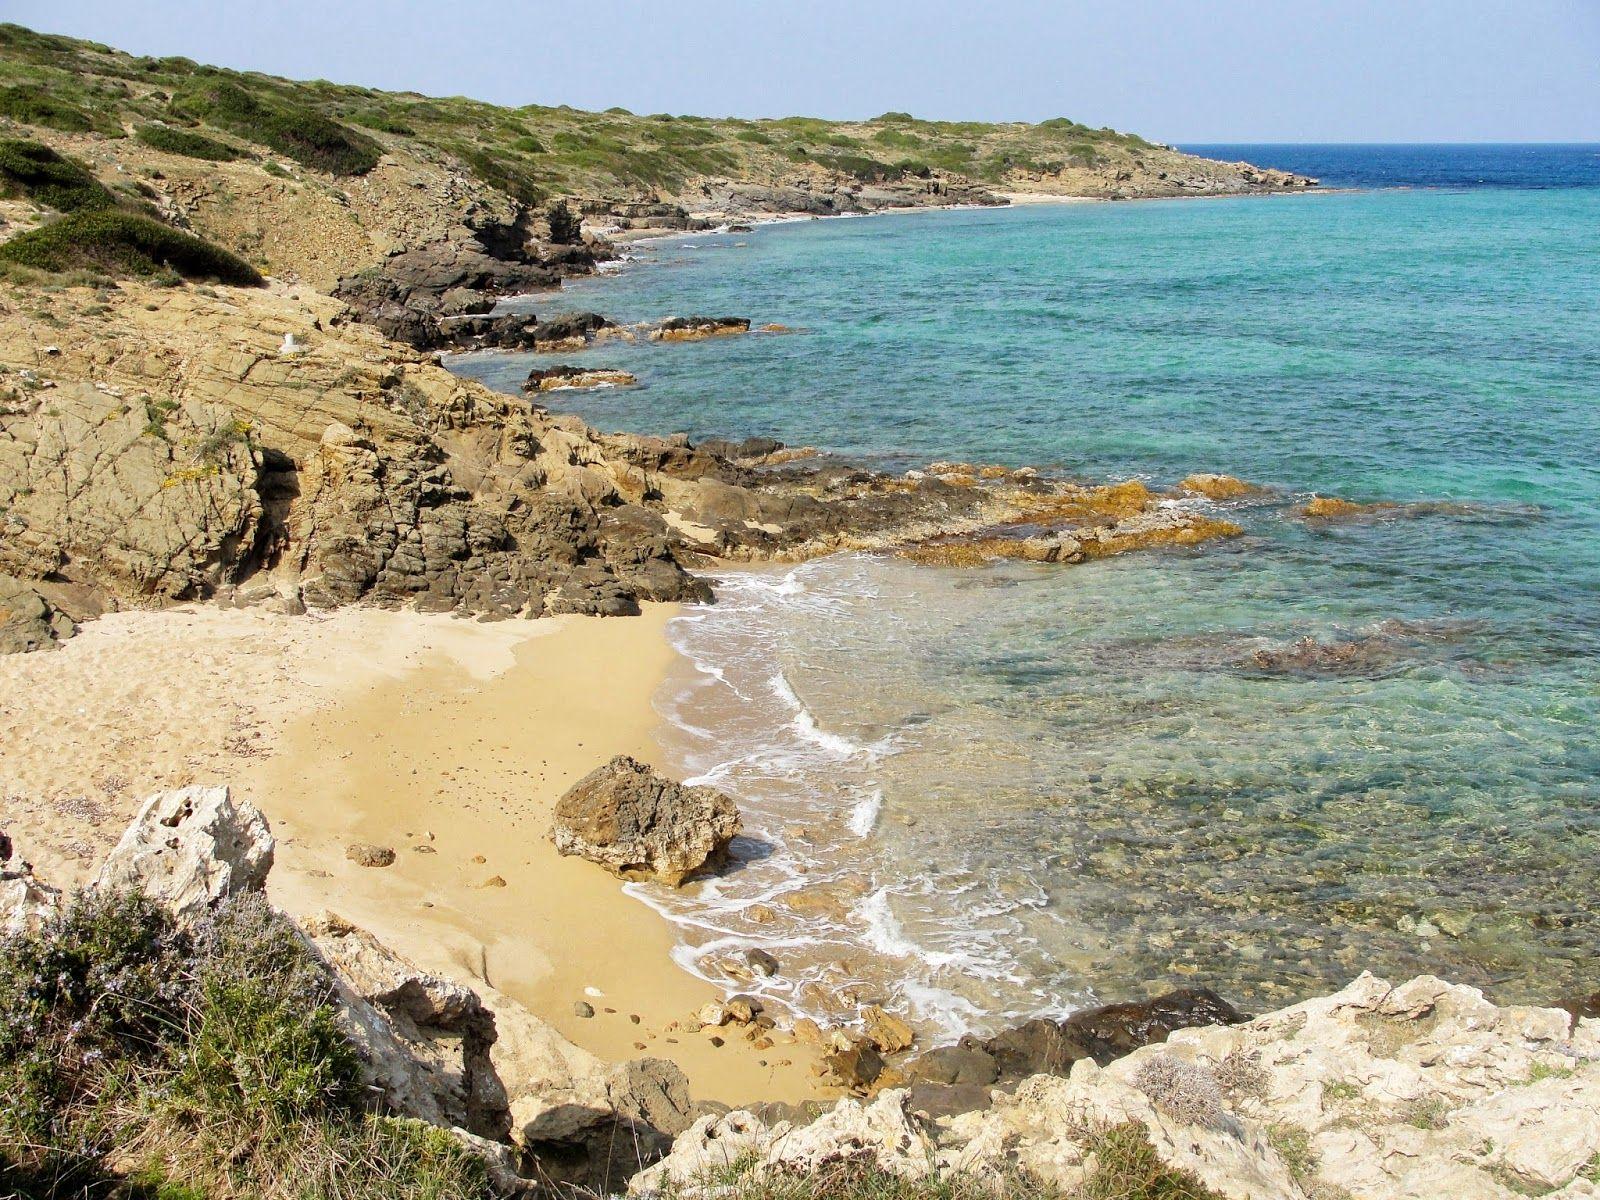 Playas de la solitaria es grau menorca - Bonnin sanso menorca ...